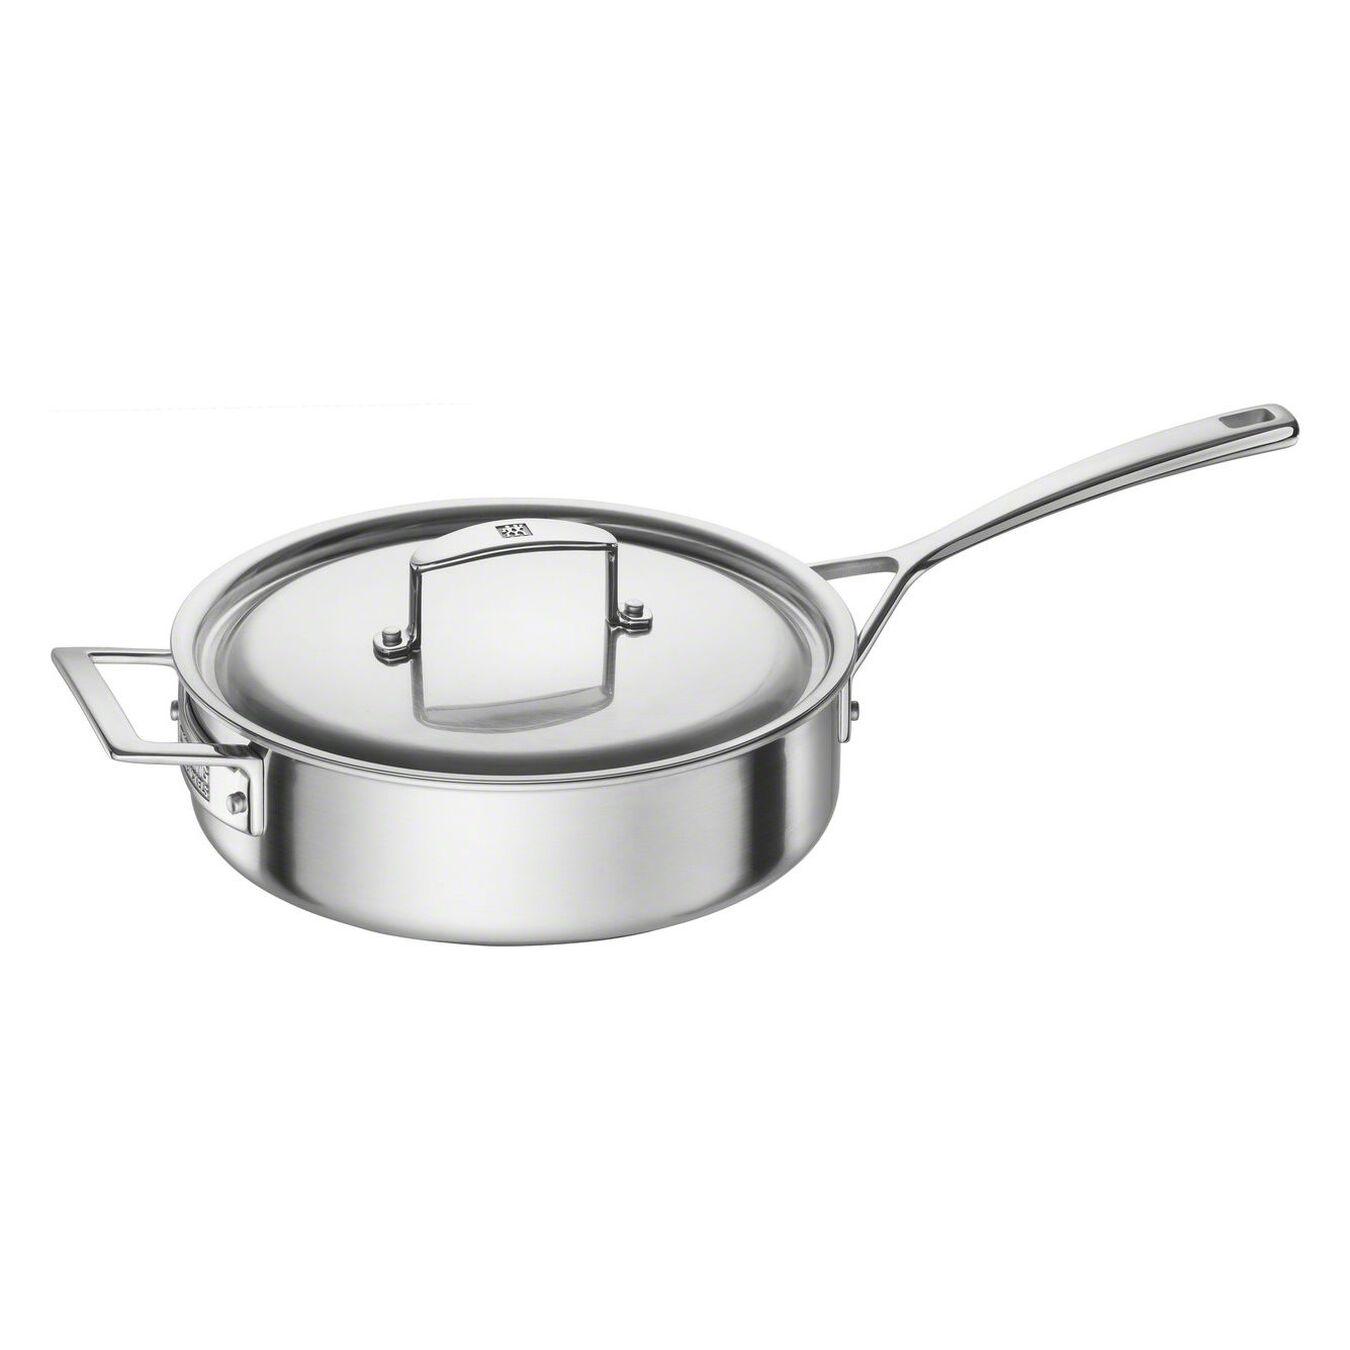 10-pcs 18/10 Stainless Steel Ensemble de casseroles et poêles,,large 6